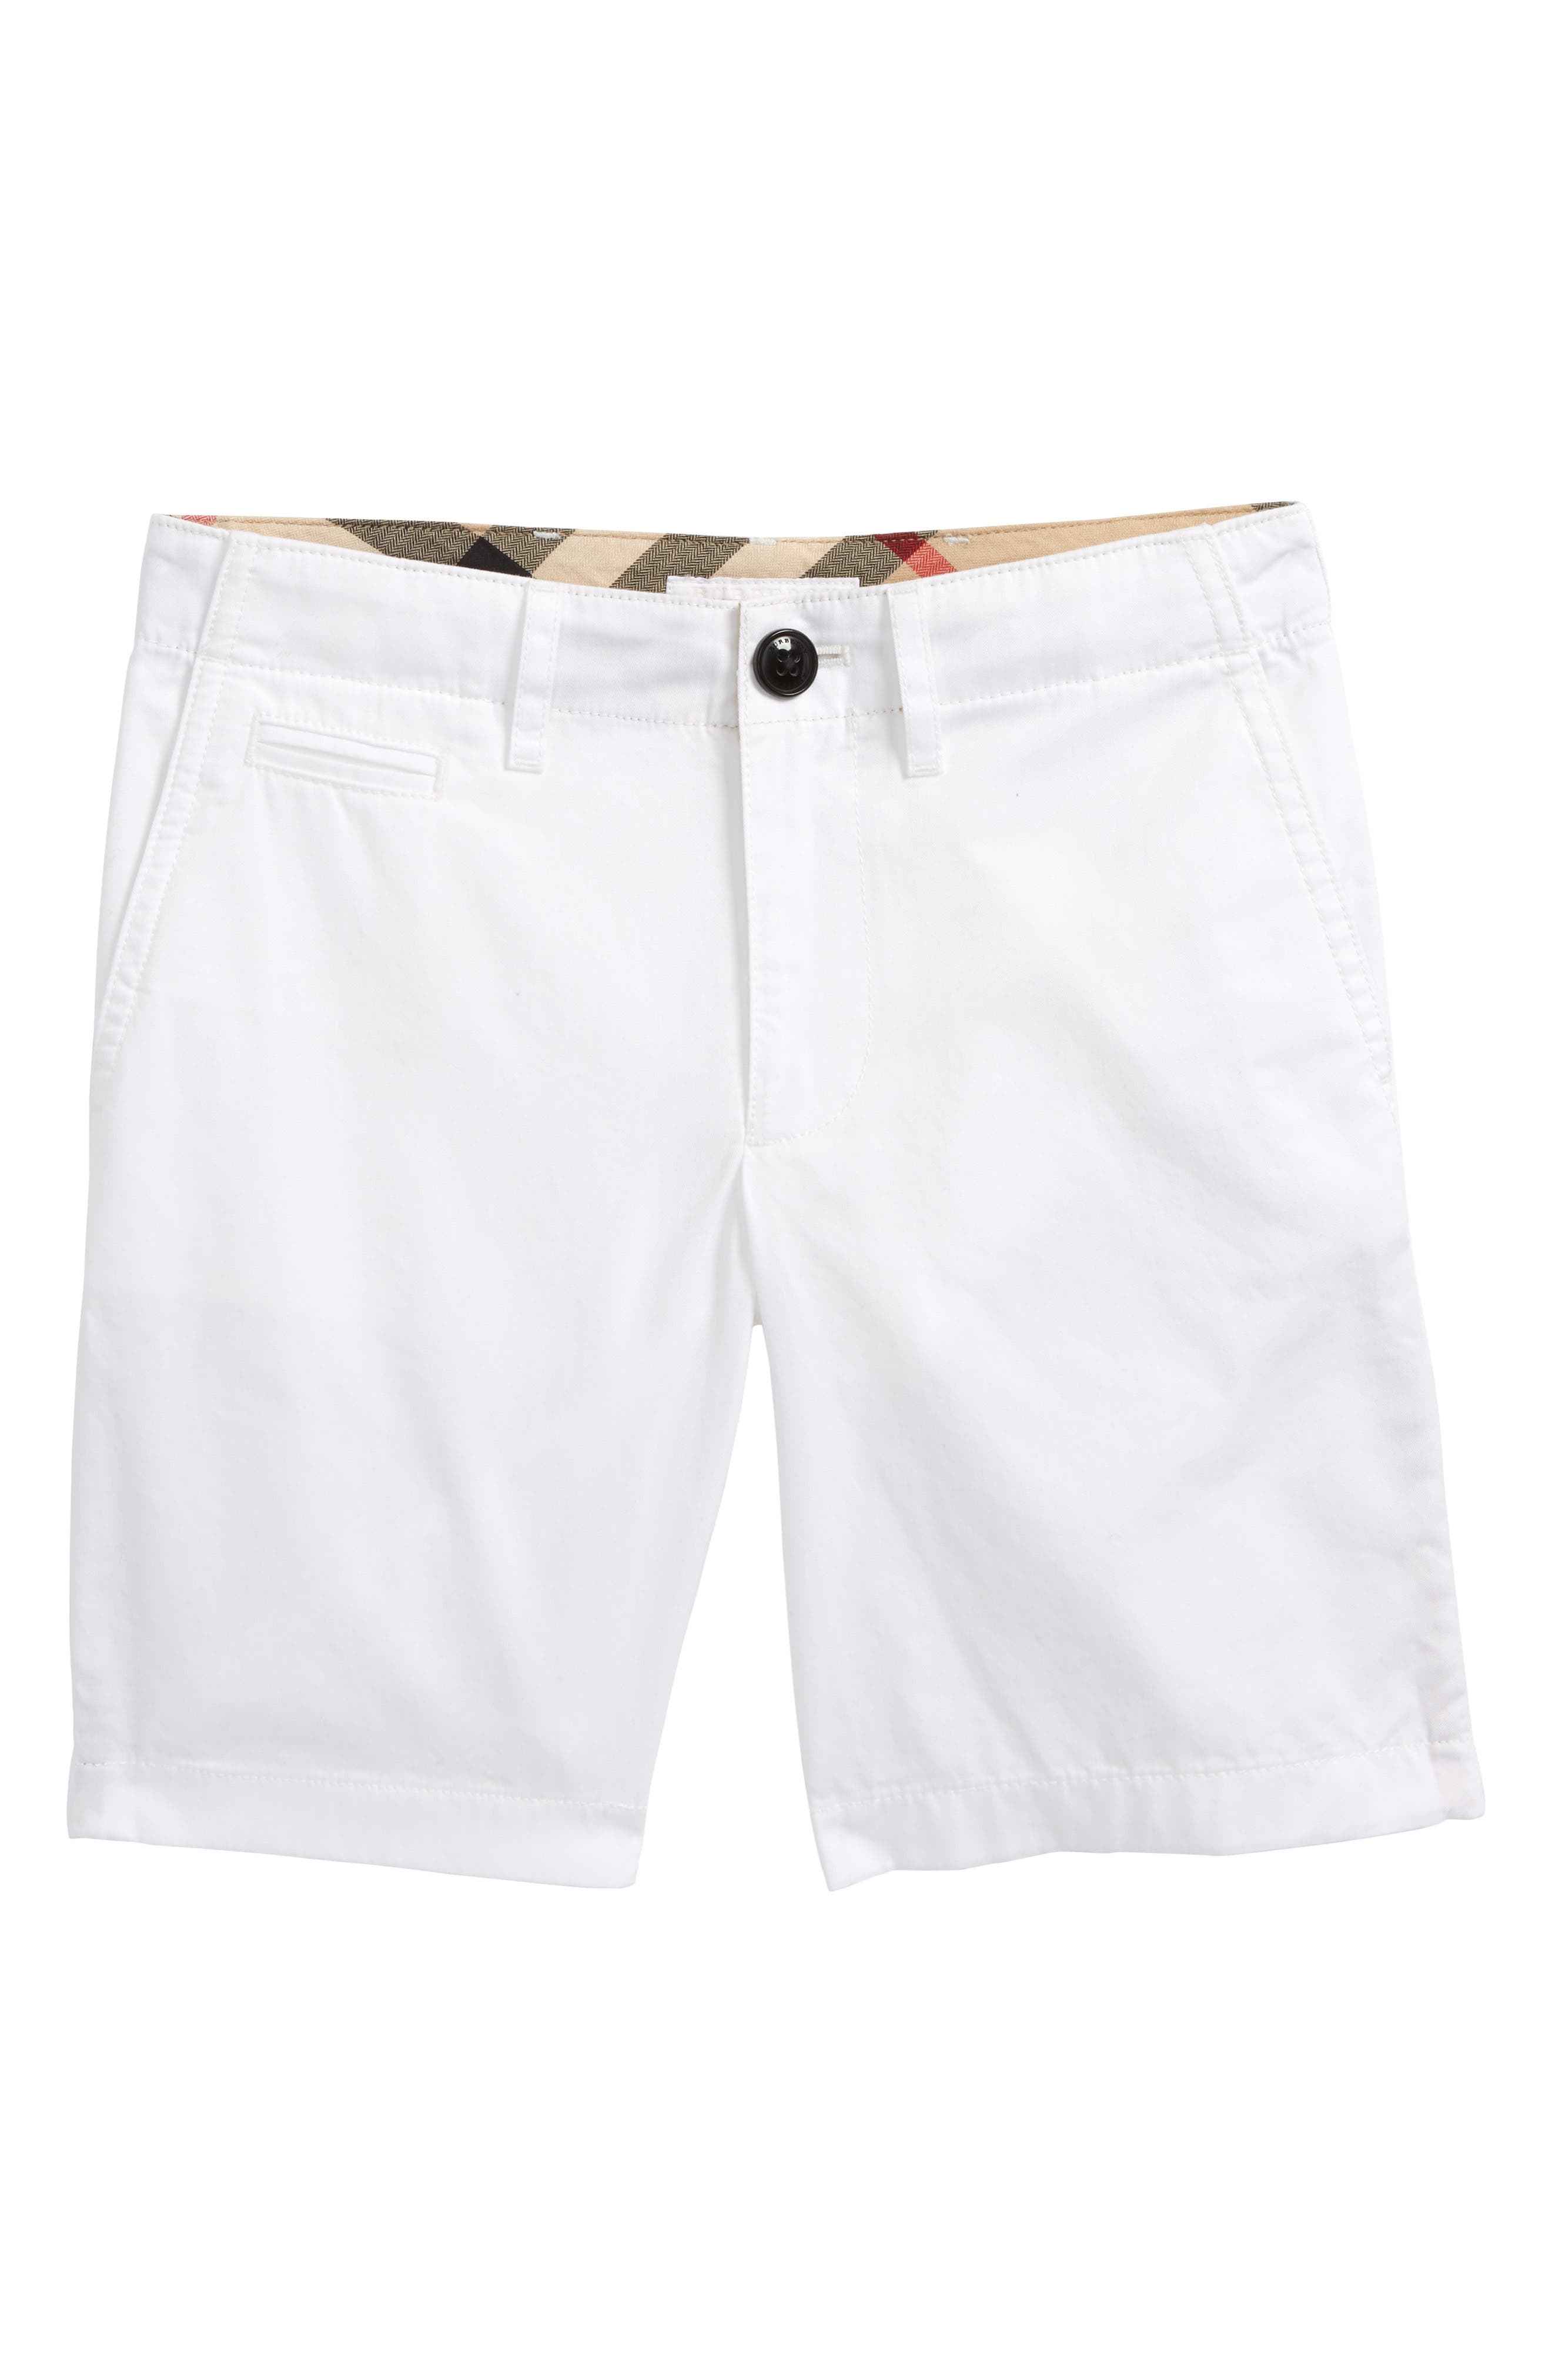 Tristen Cotton Twill Shorts,                         Main,                         color, 100